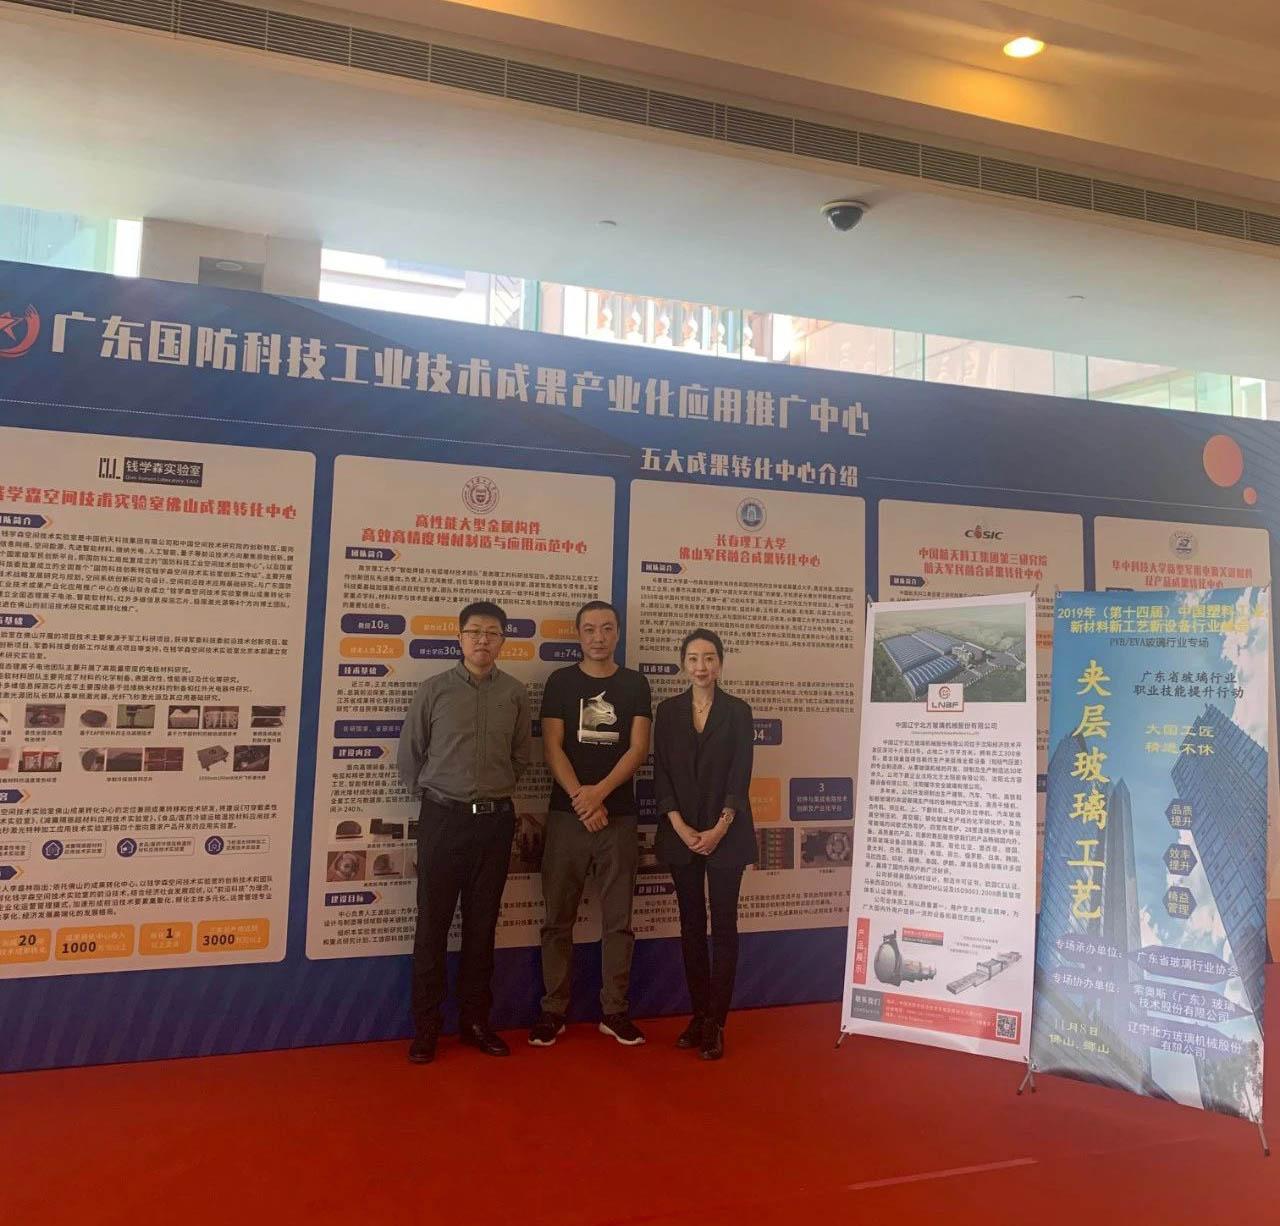 第十三届军工行业生产制作技术与工艺创新研讨会——万博体育matext官网工艺